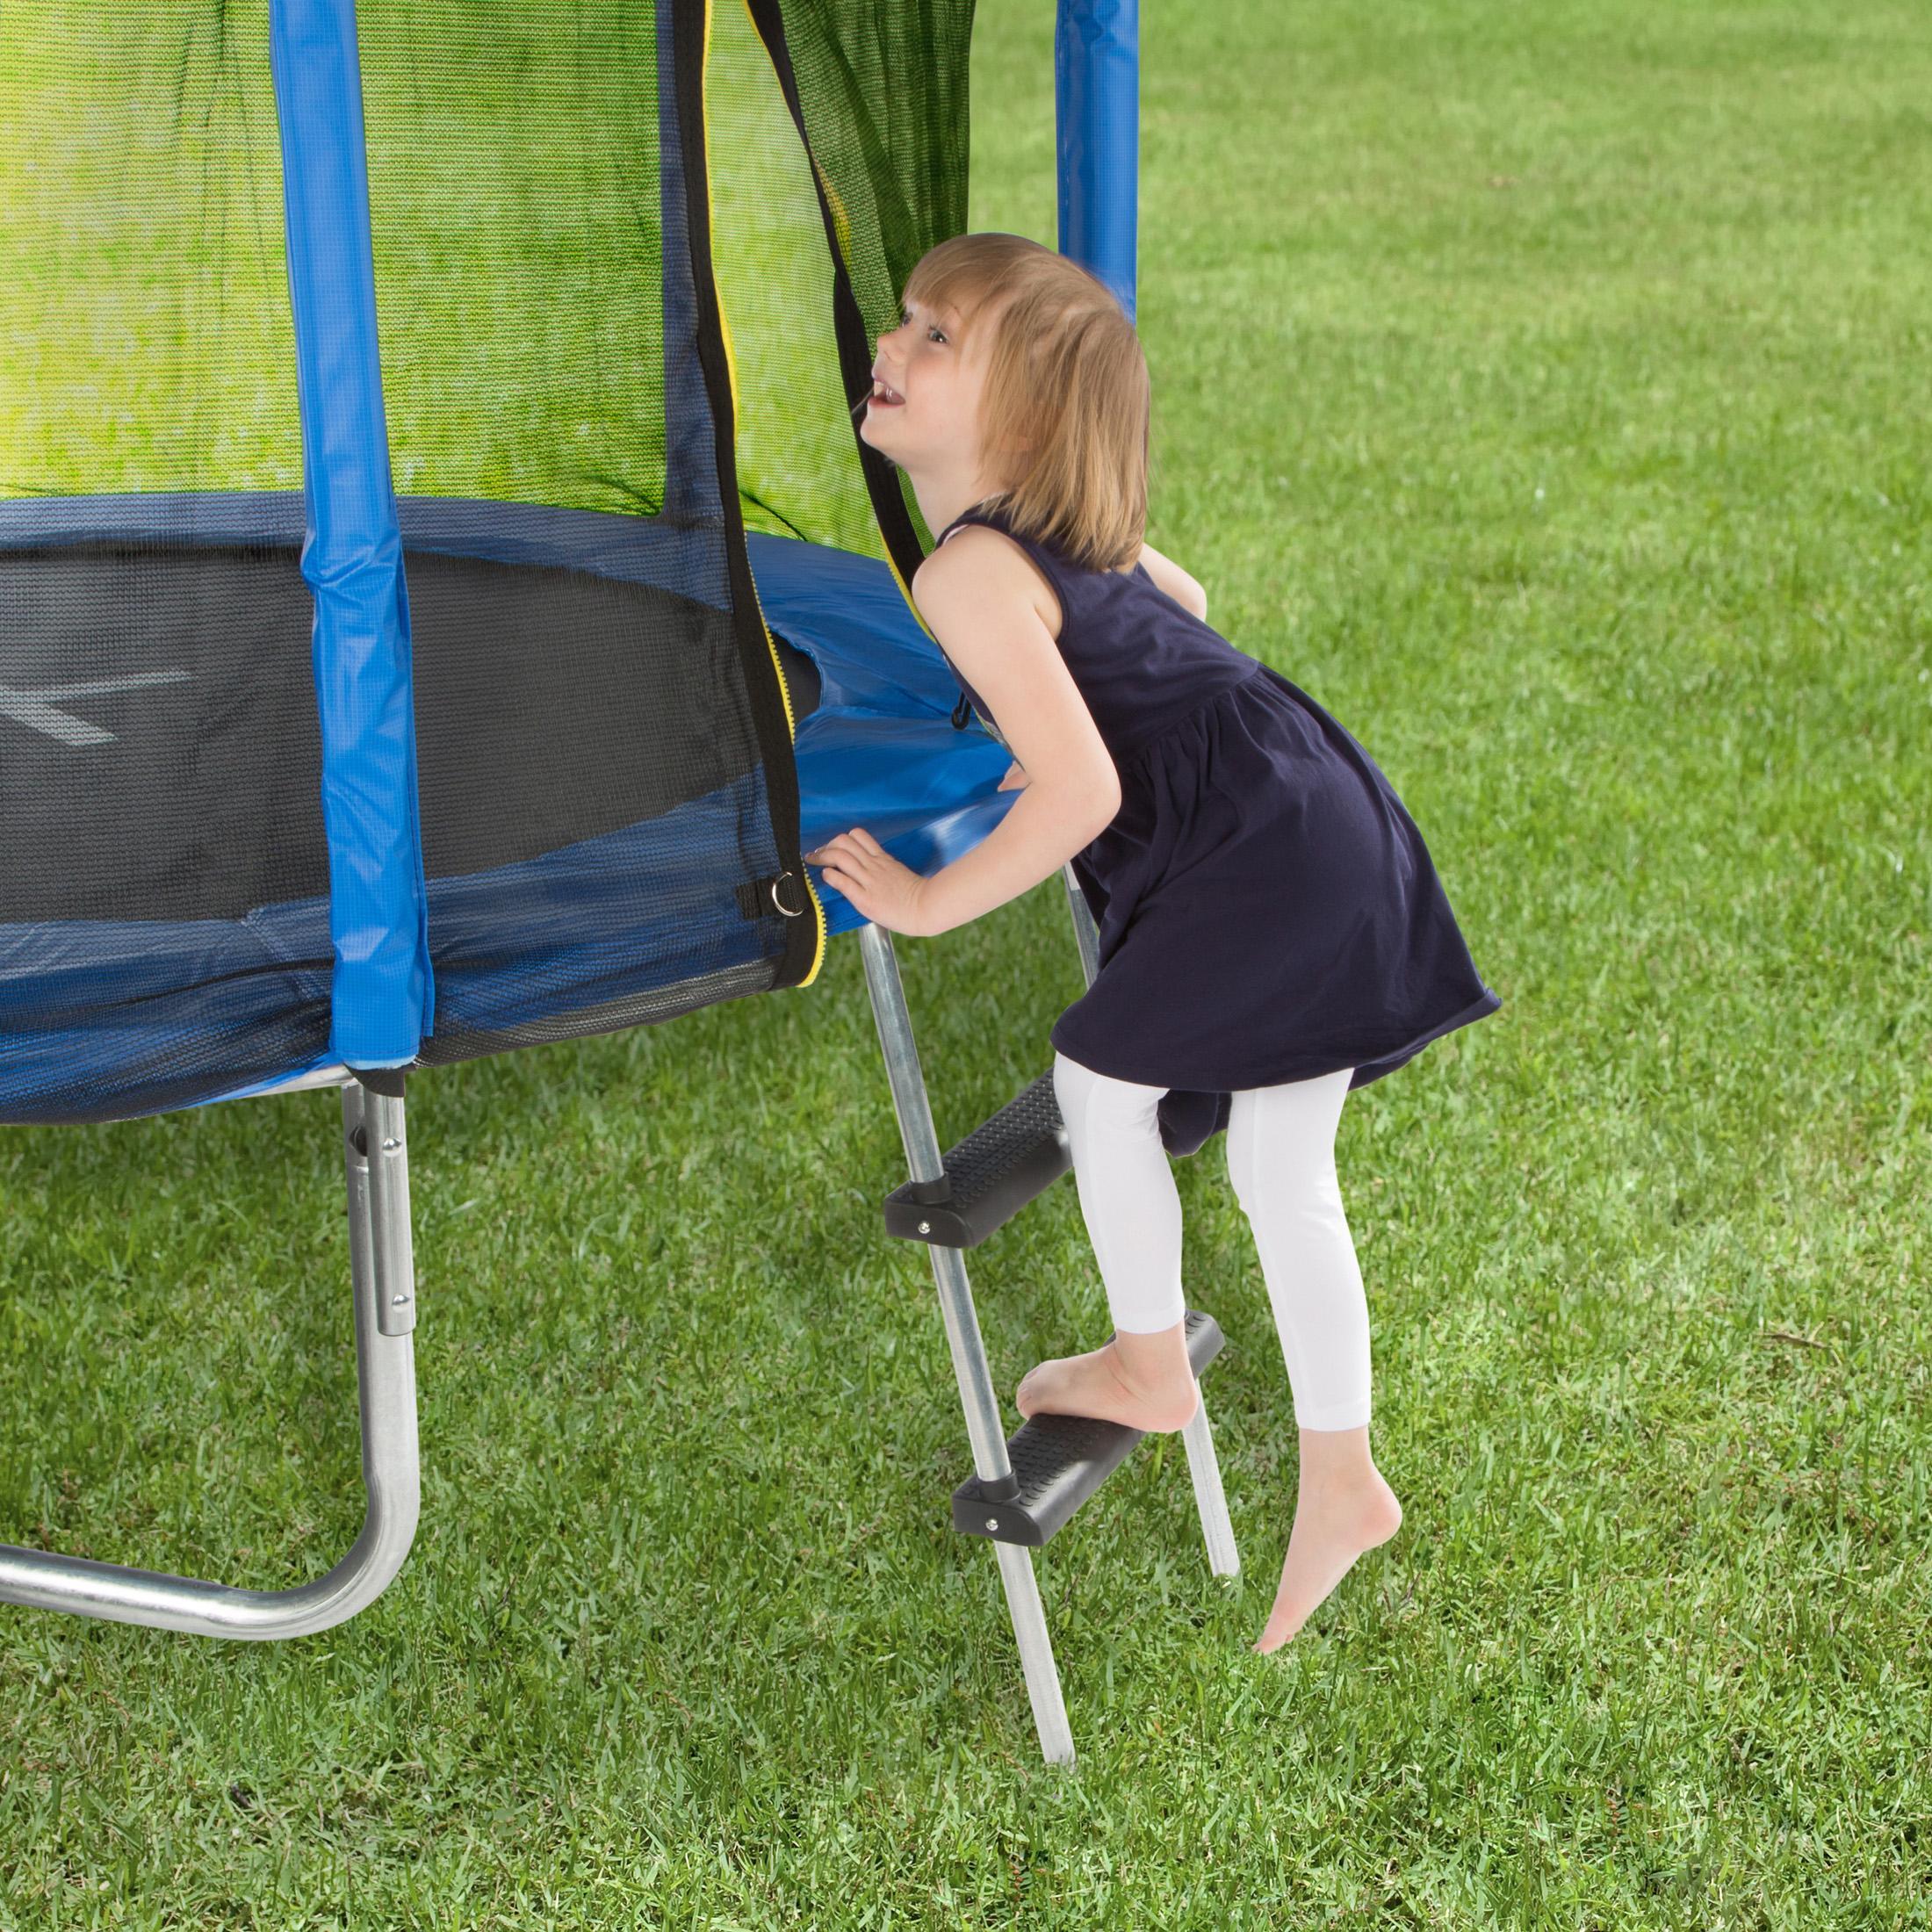 ultrasport trampolin leiter f r alle g ngigen trampoline silber schwarz 95 cm. Black Bedroom Furniture Sets. Home Design Ideas